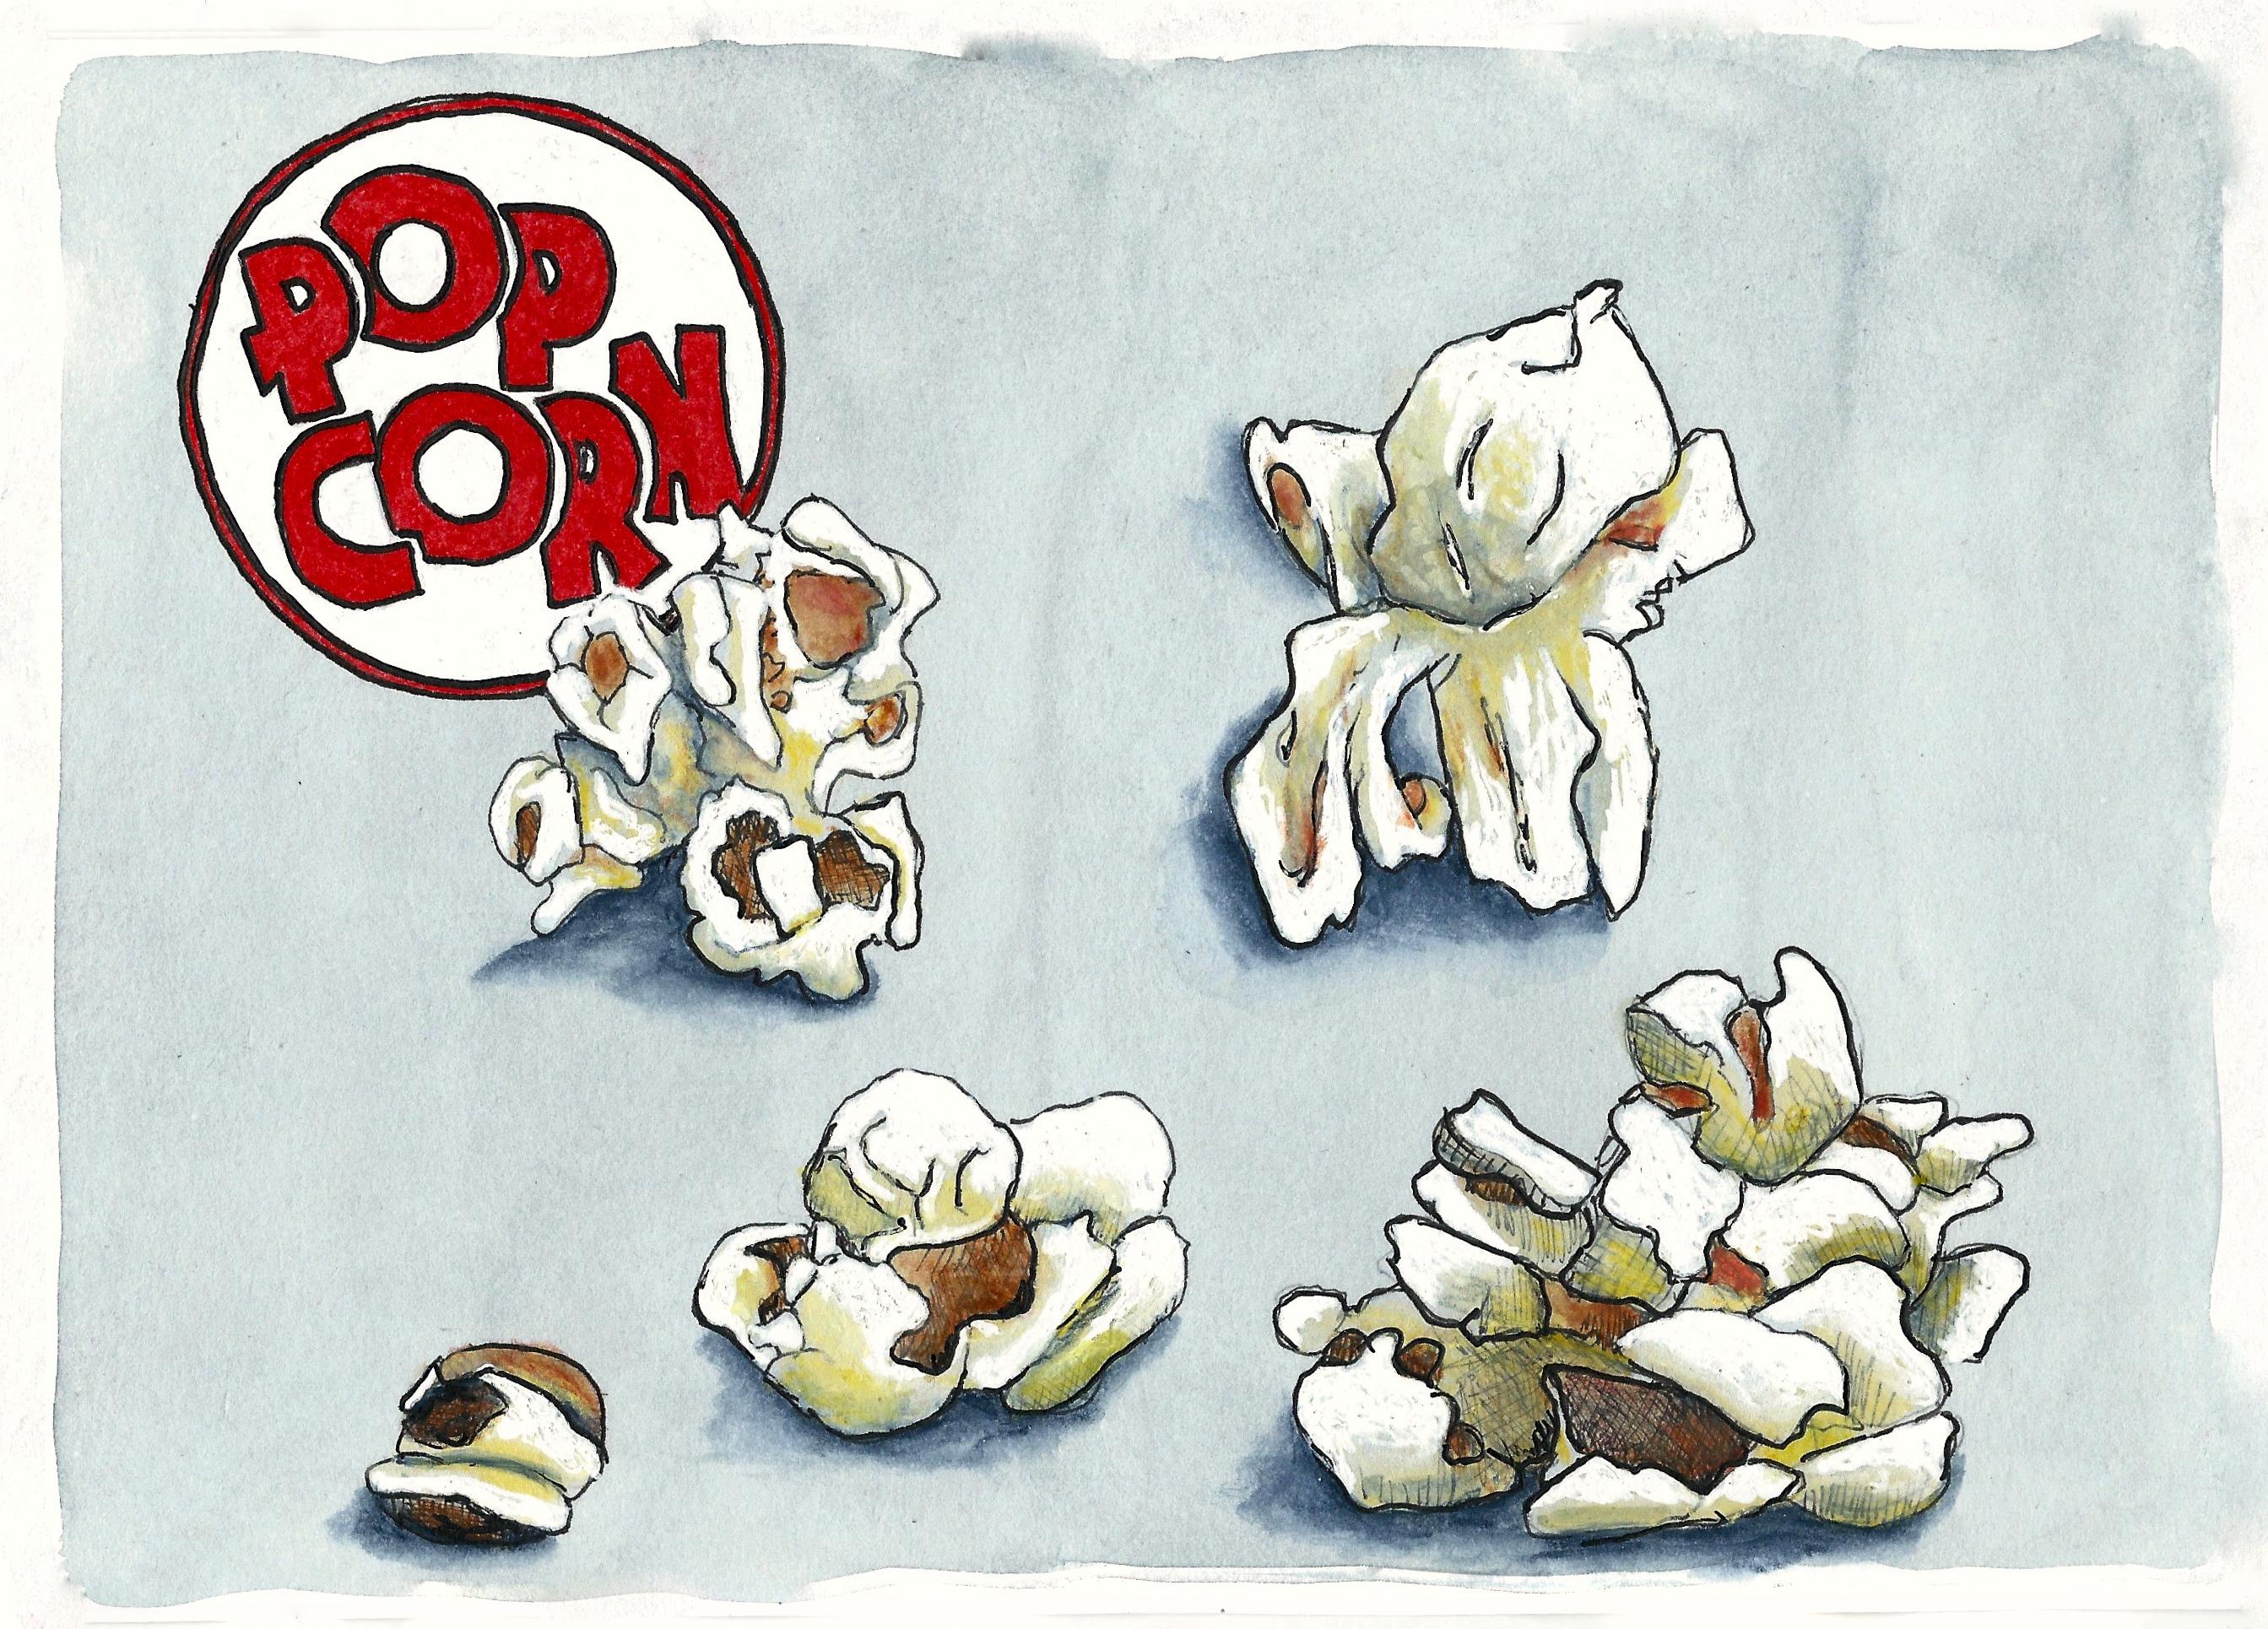 Popcorn Stragglers